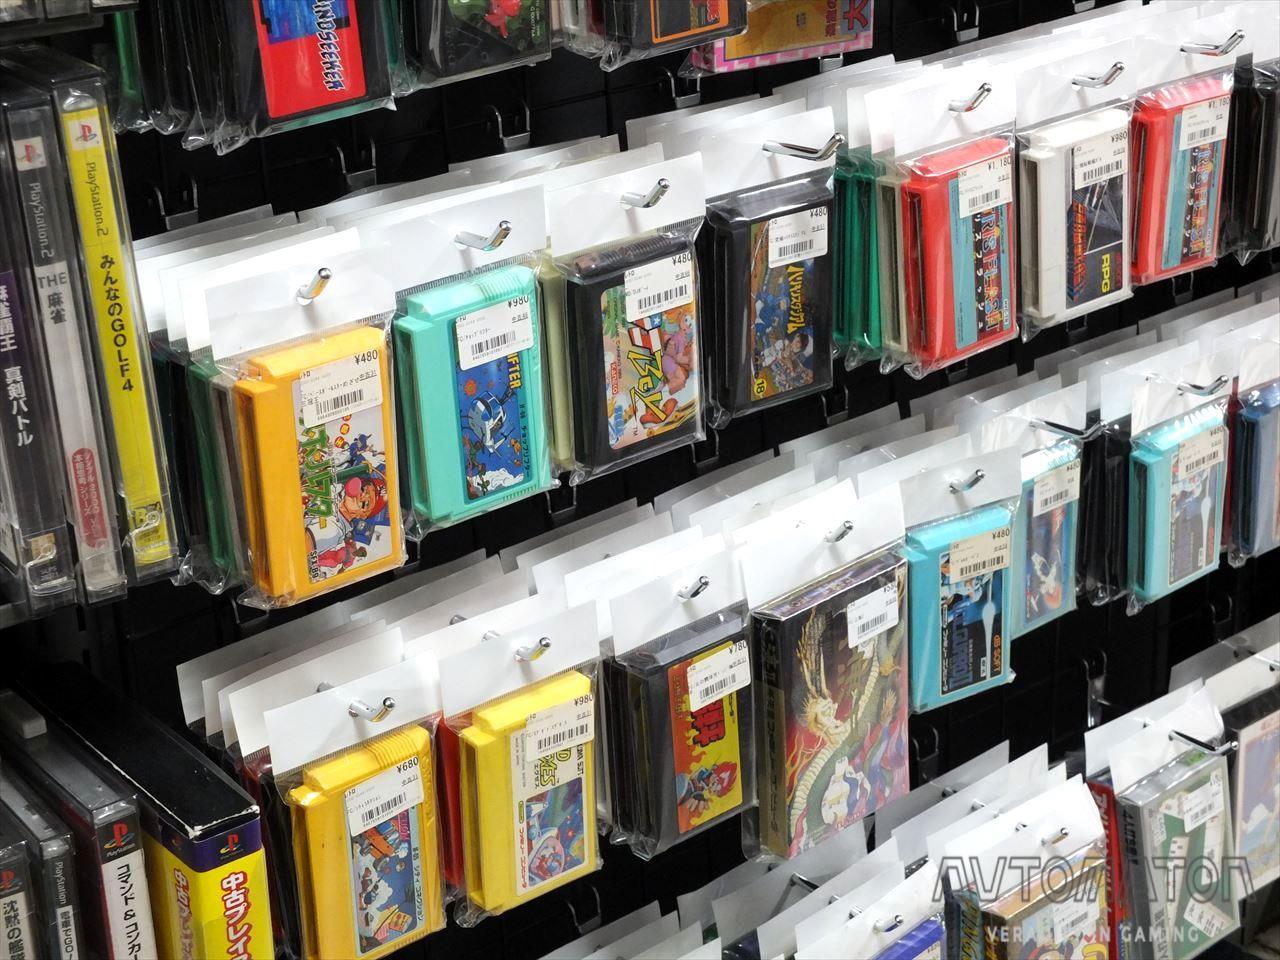 ソフトを重視する立場は中古ゲーム専門誌での連載であったことにも起因するだろう。